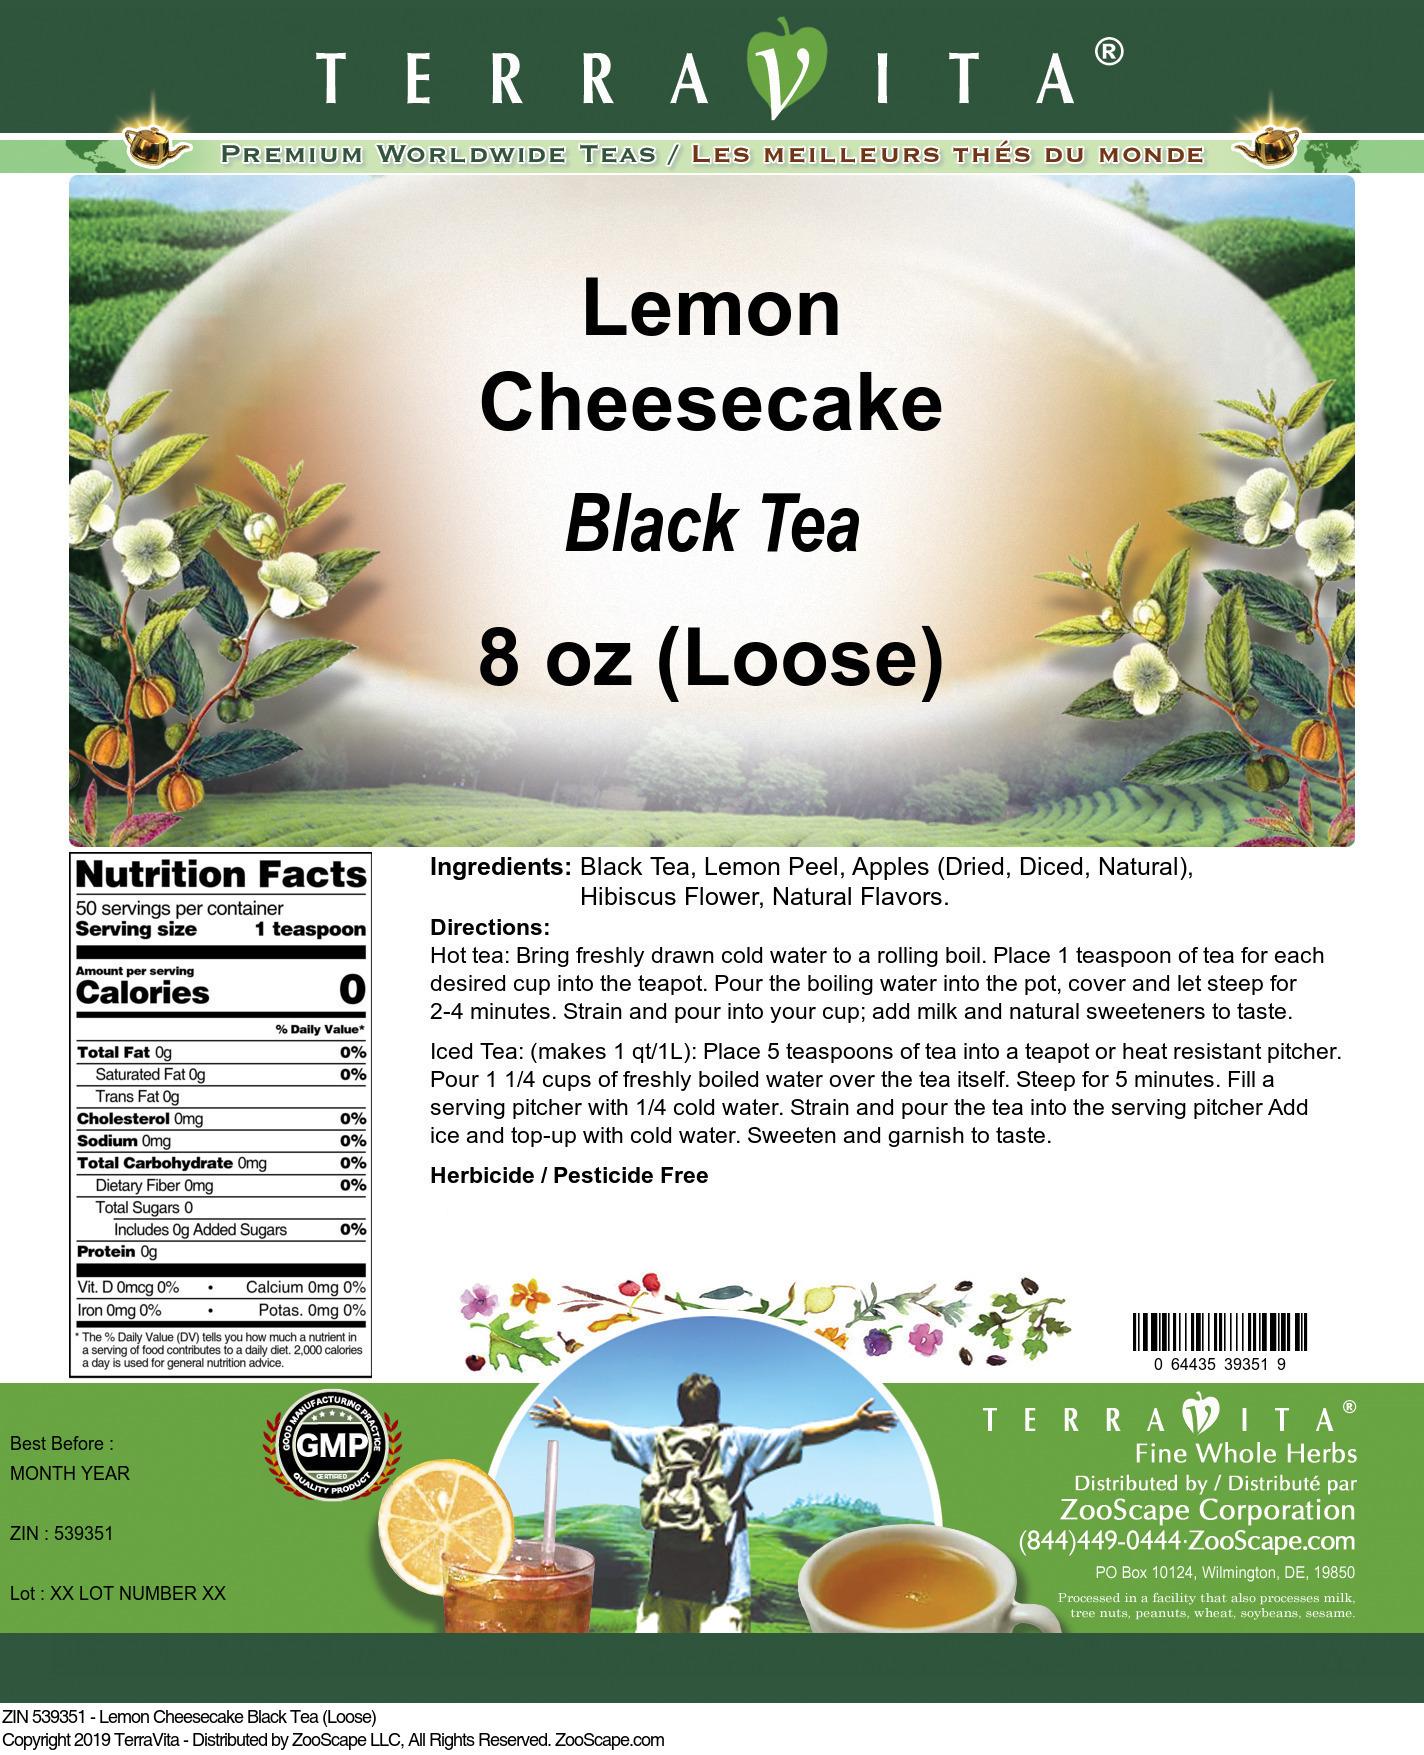 Lemon Cheesecake Black Tea